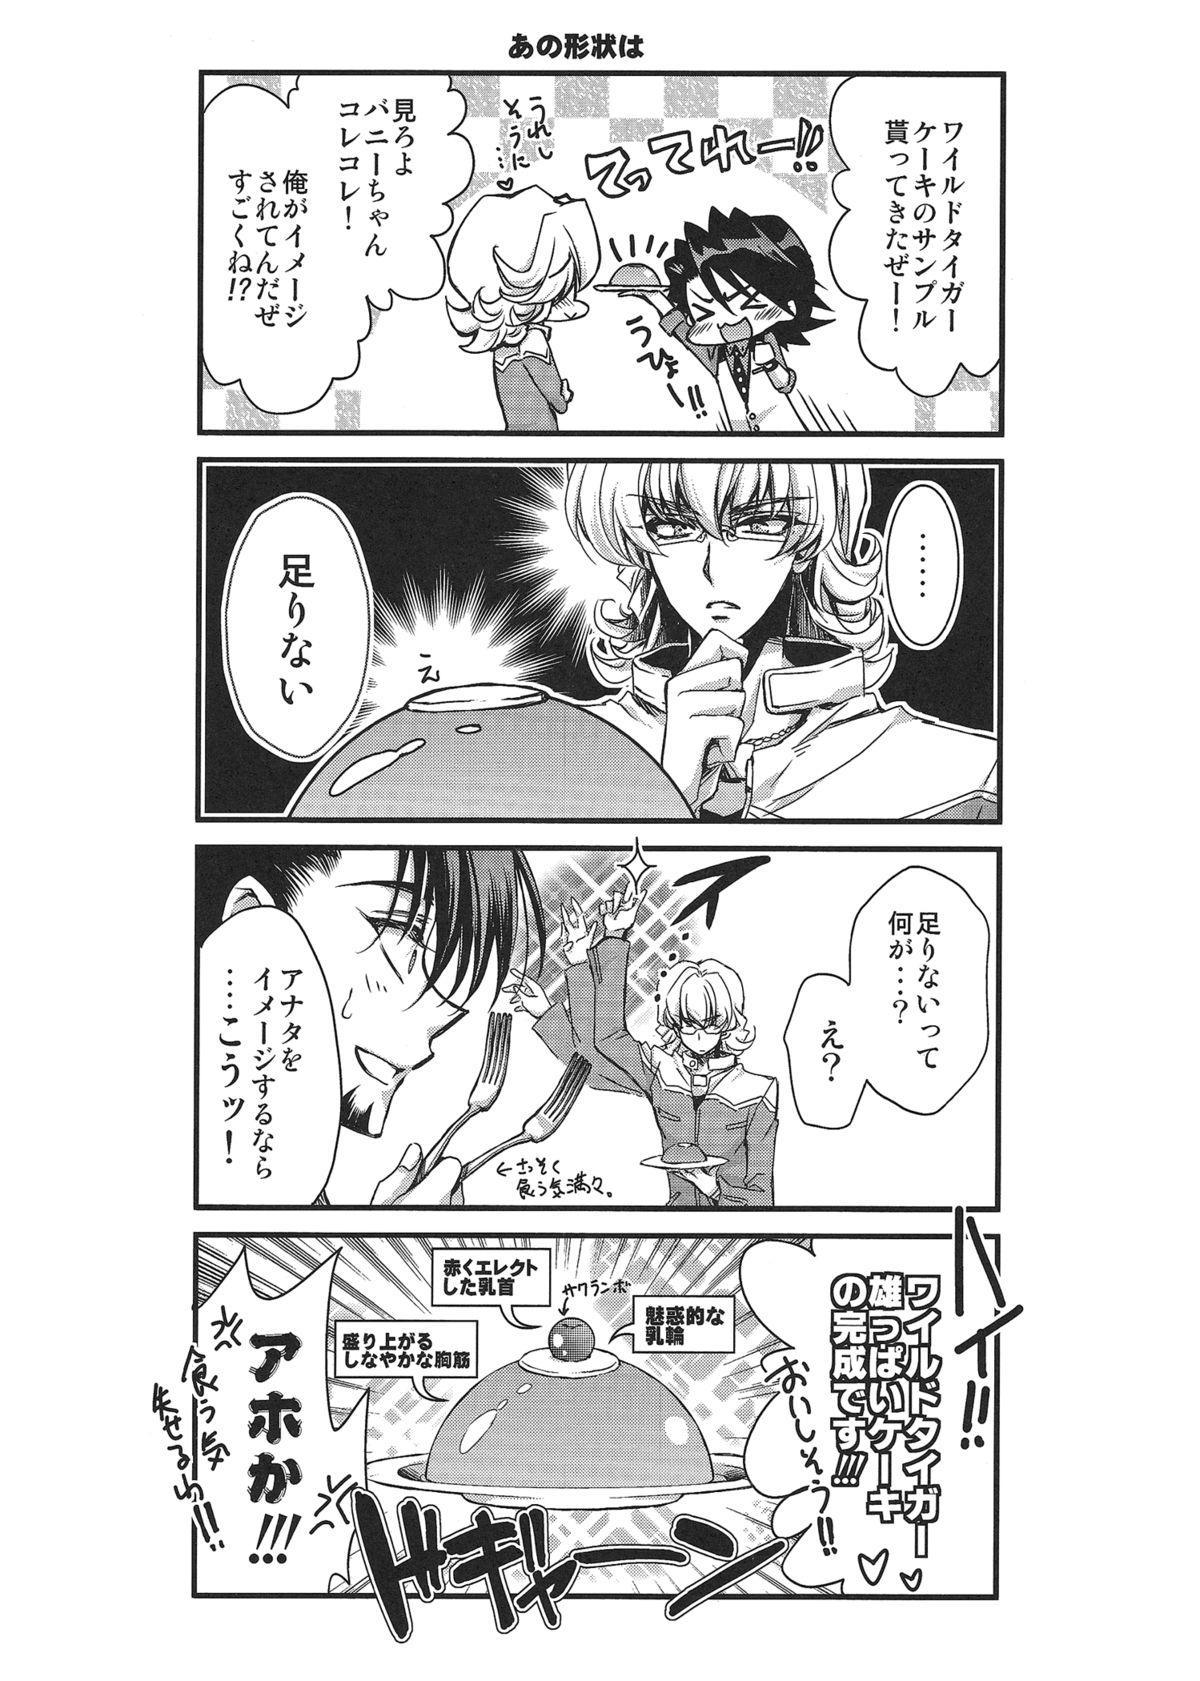 Boku to Kotetsu-san no Kote Shoku! 14